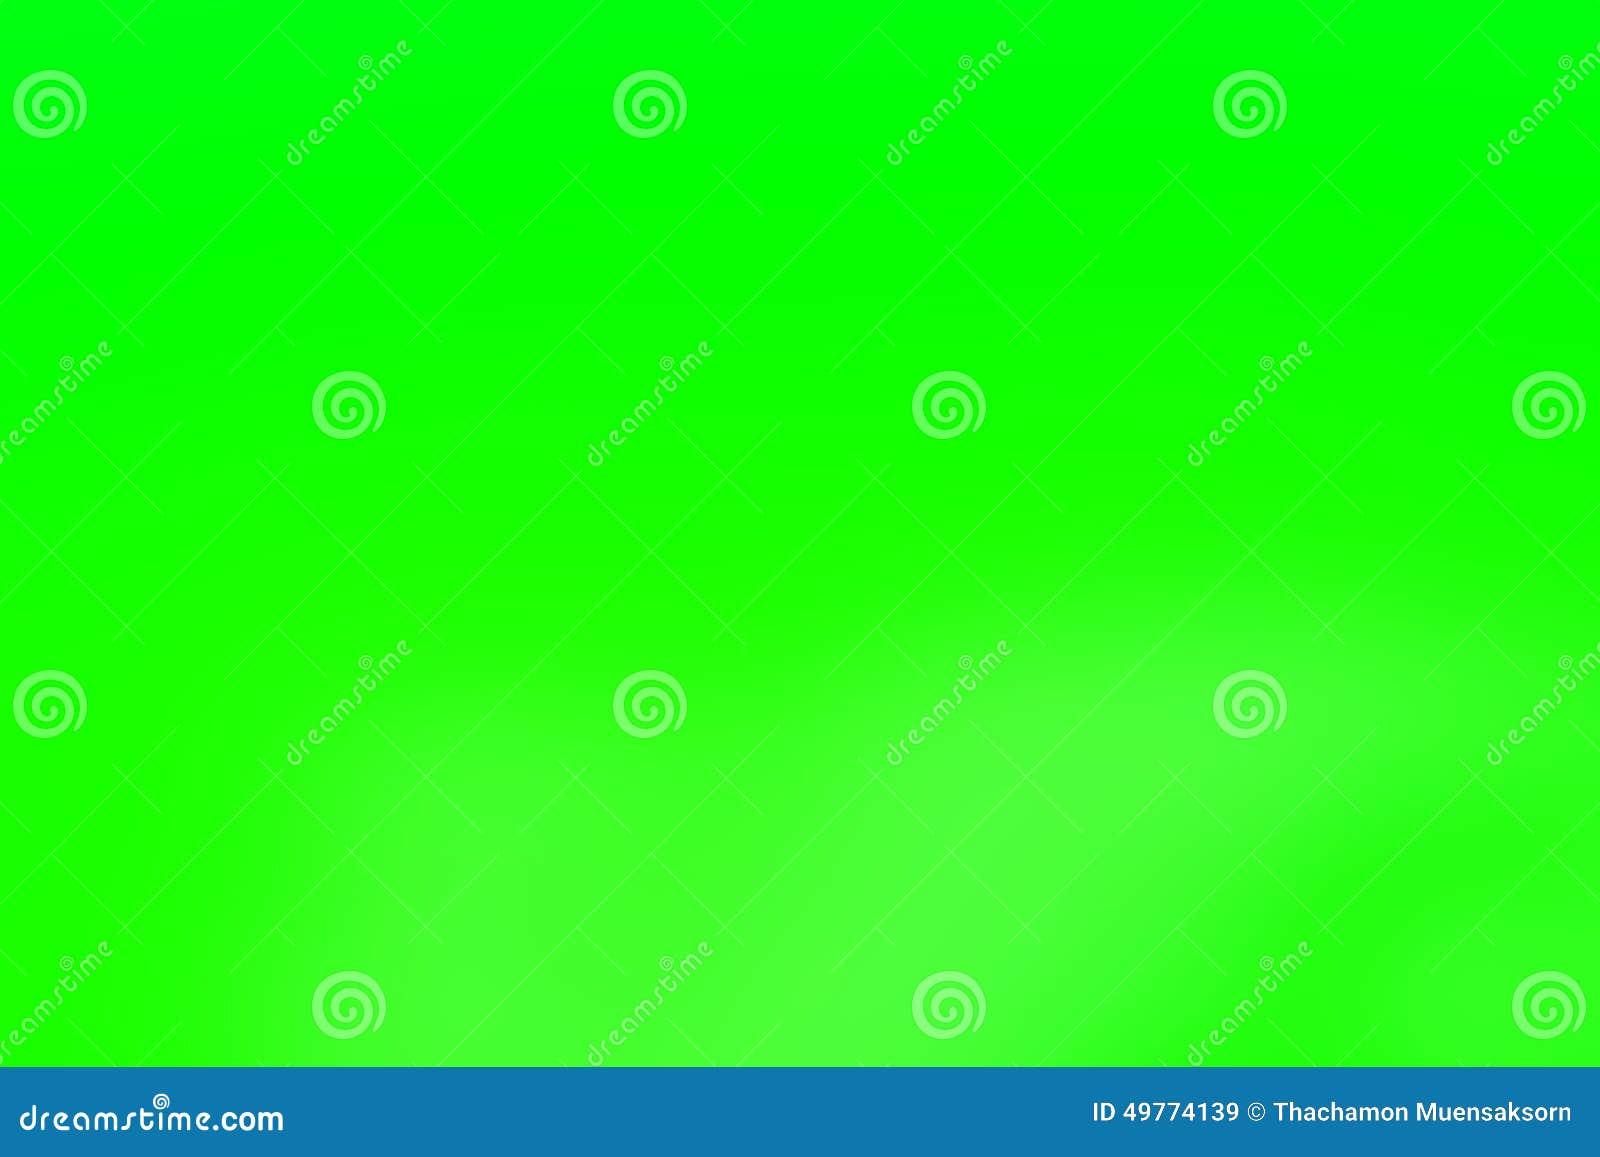 Image Gallery imagens da cor verde